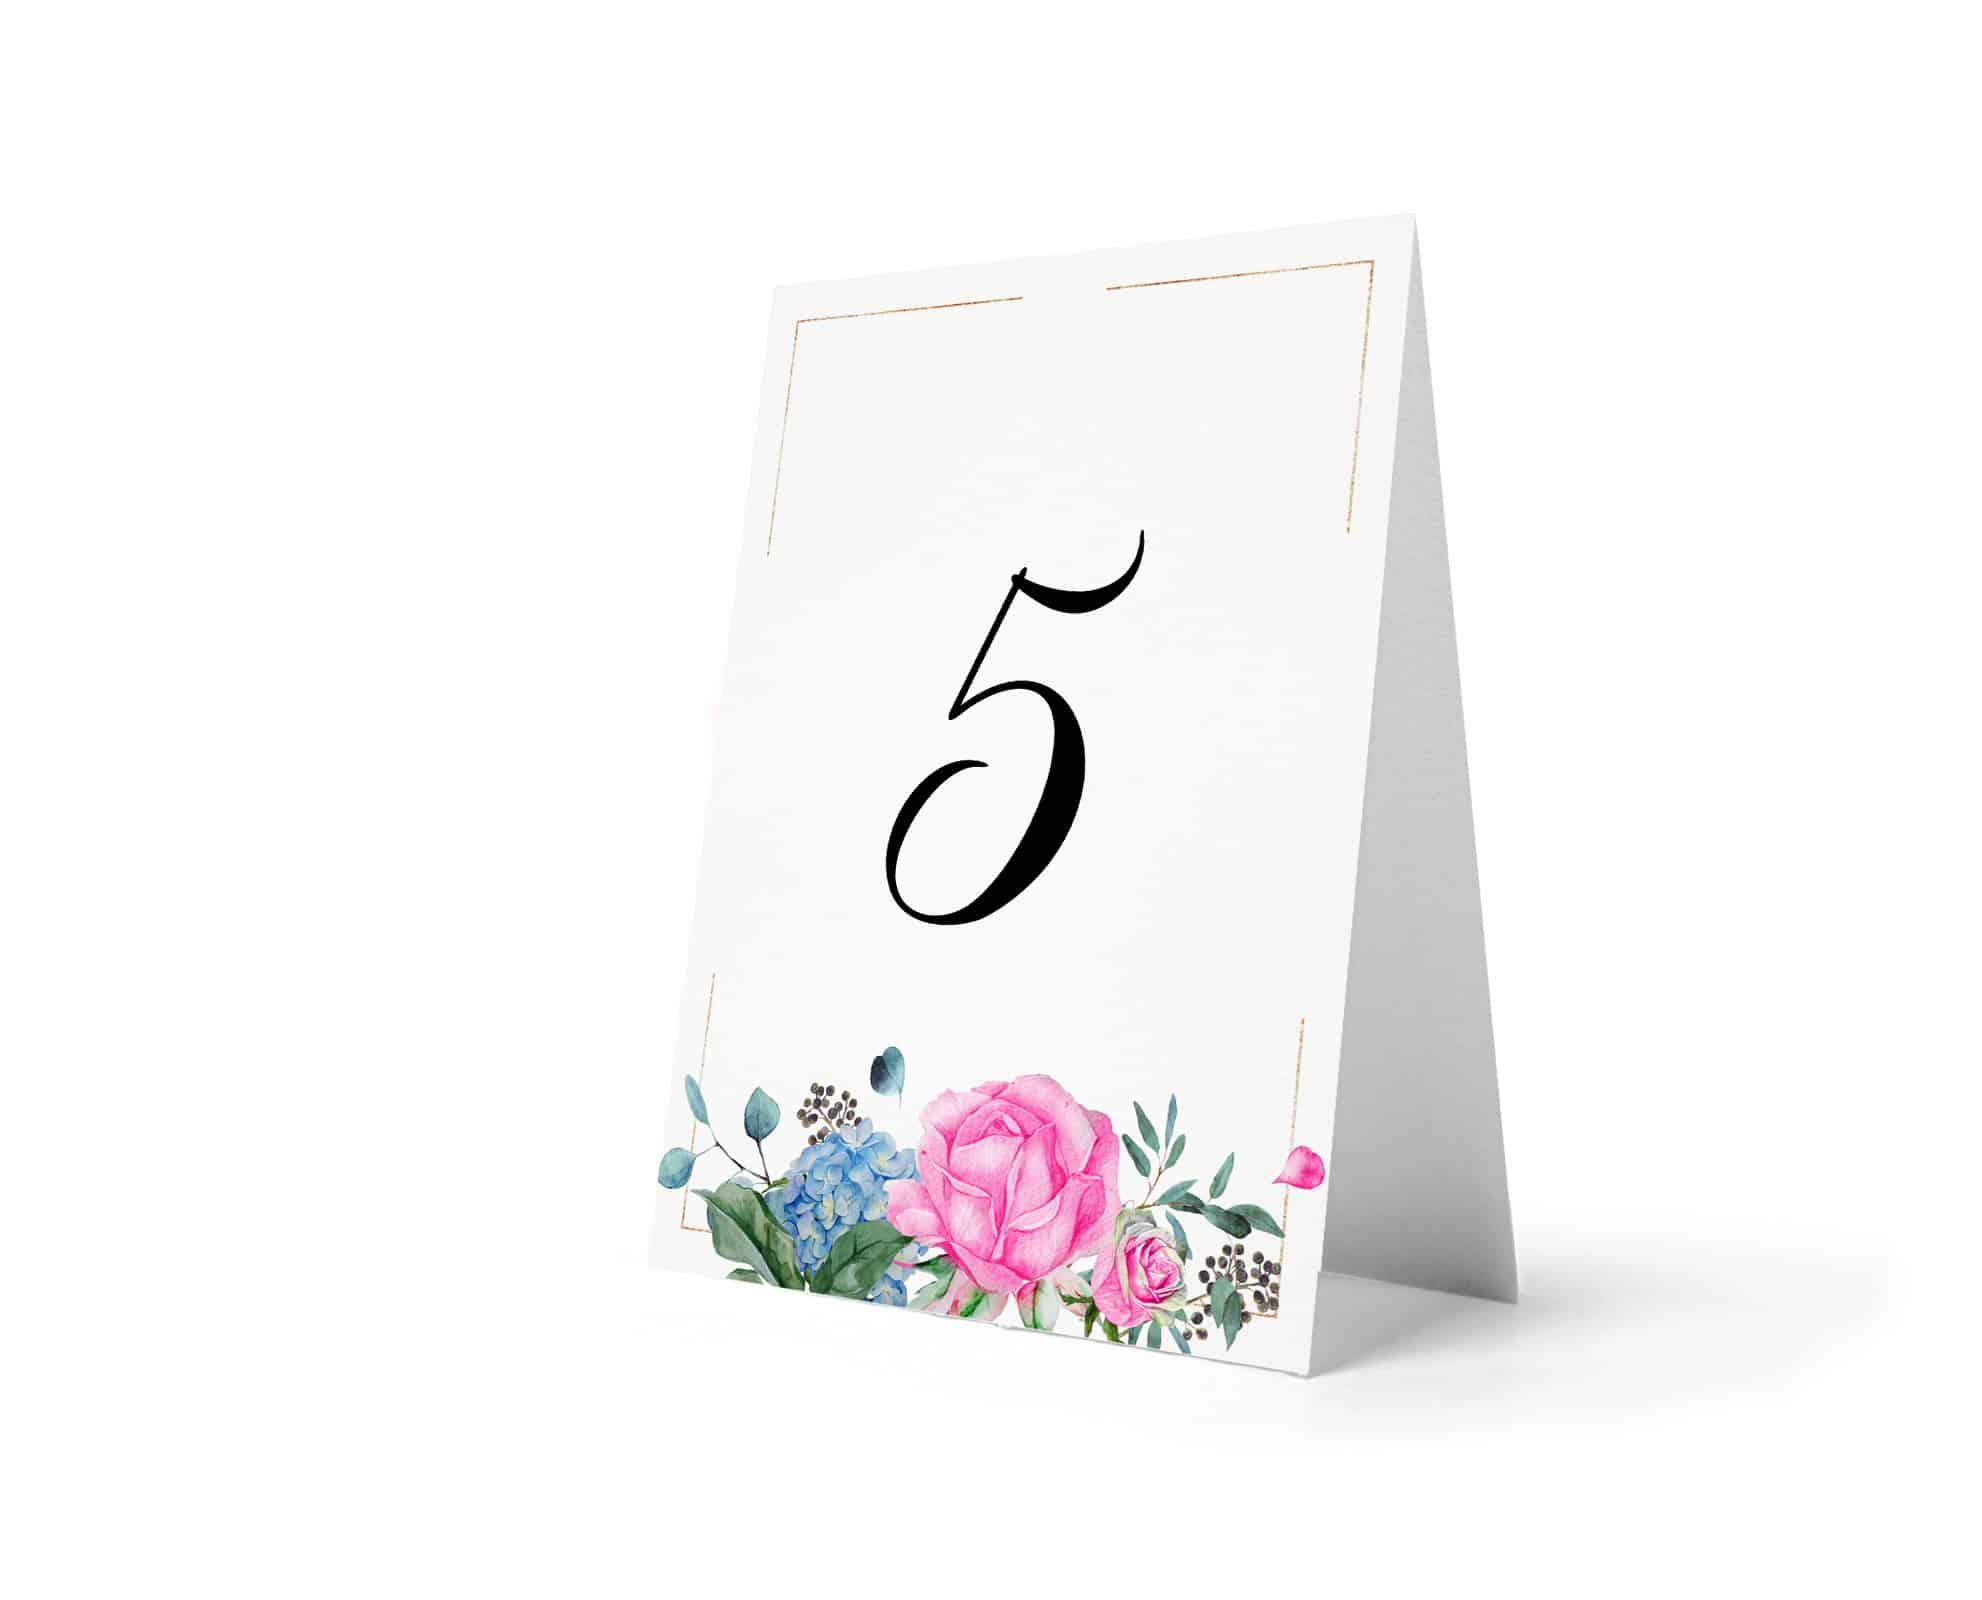 Numero stołów z kompozycją kwiatów, róż, listków